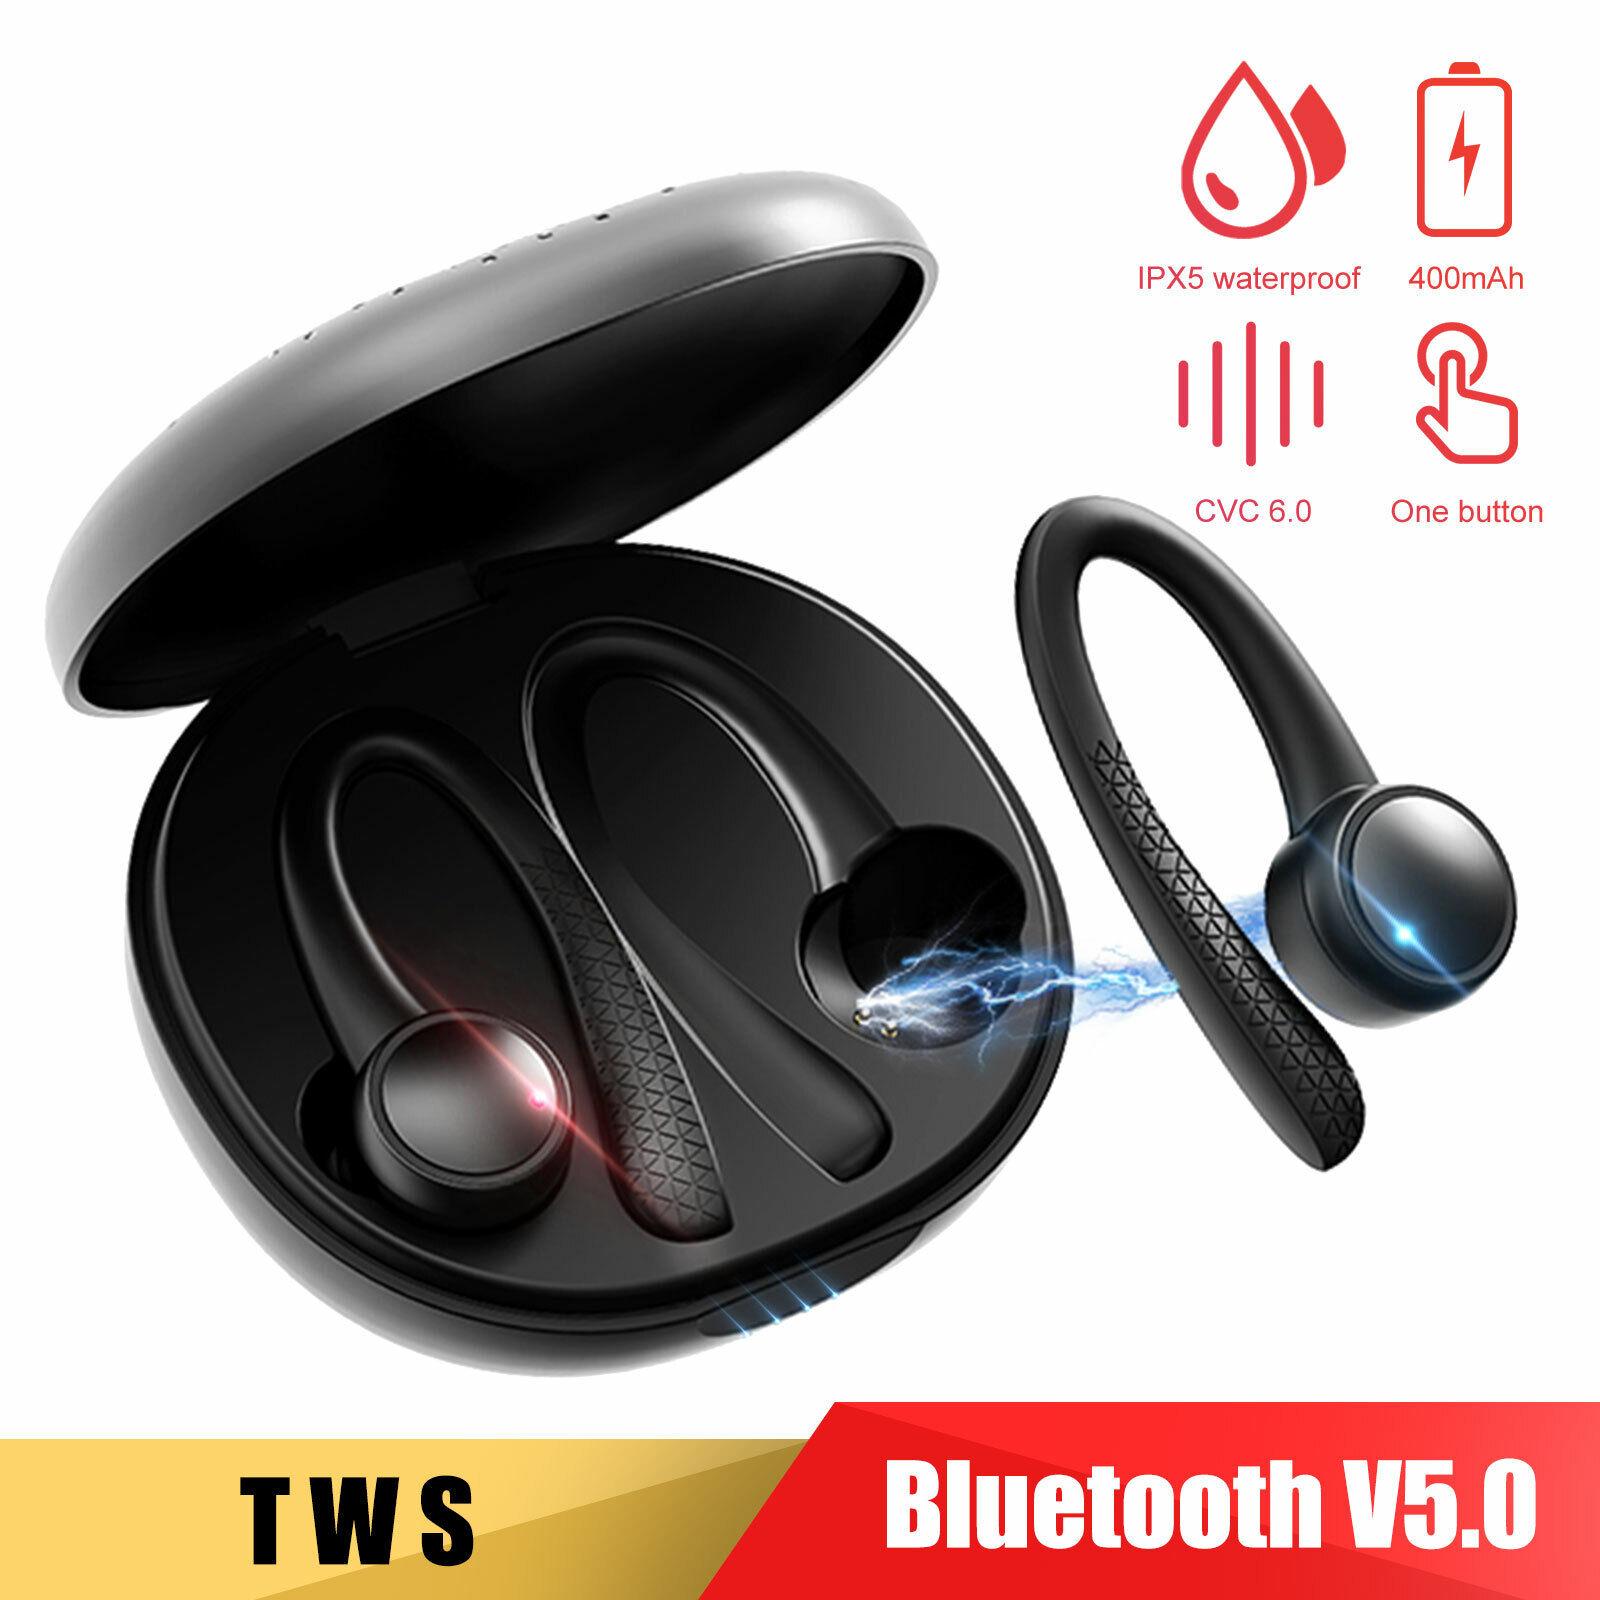 Wireless Earbuds, Bluetooth Headphones 5.0 True Wireless Sport Earphones Headset